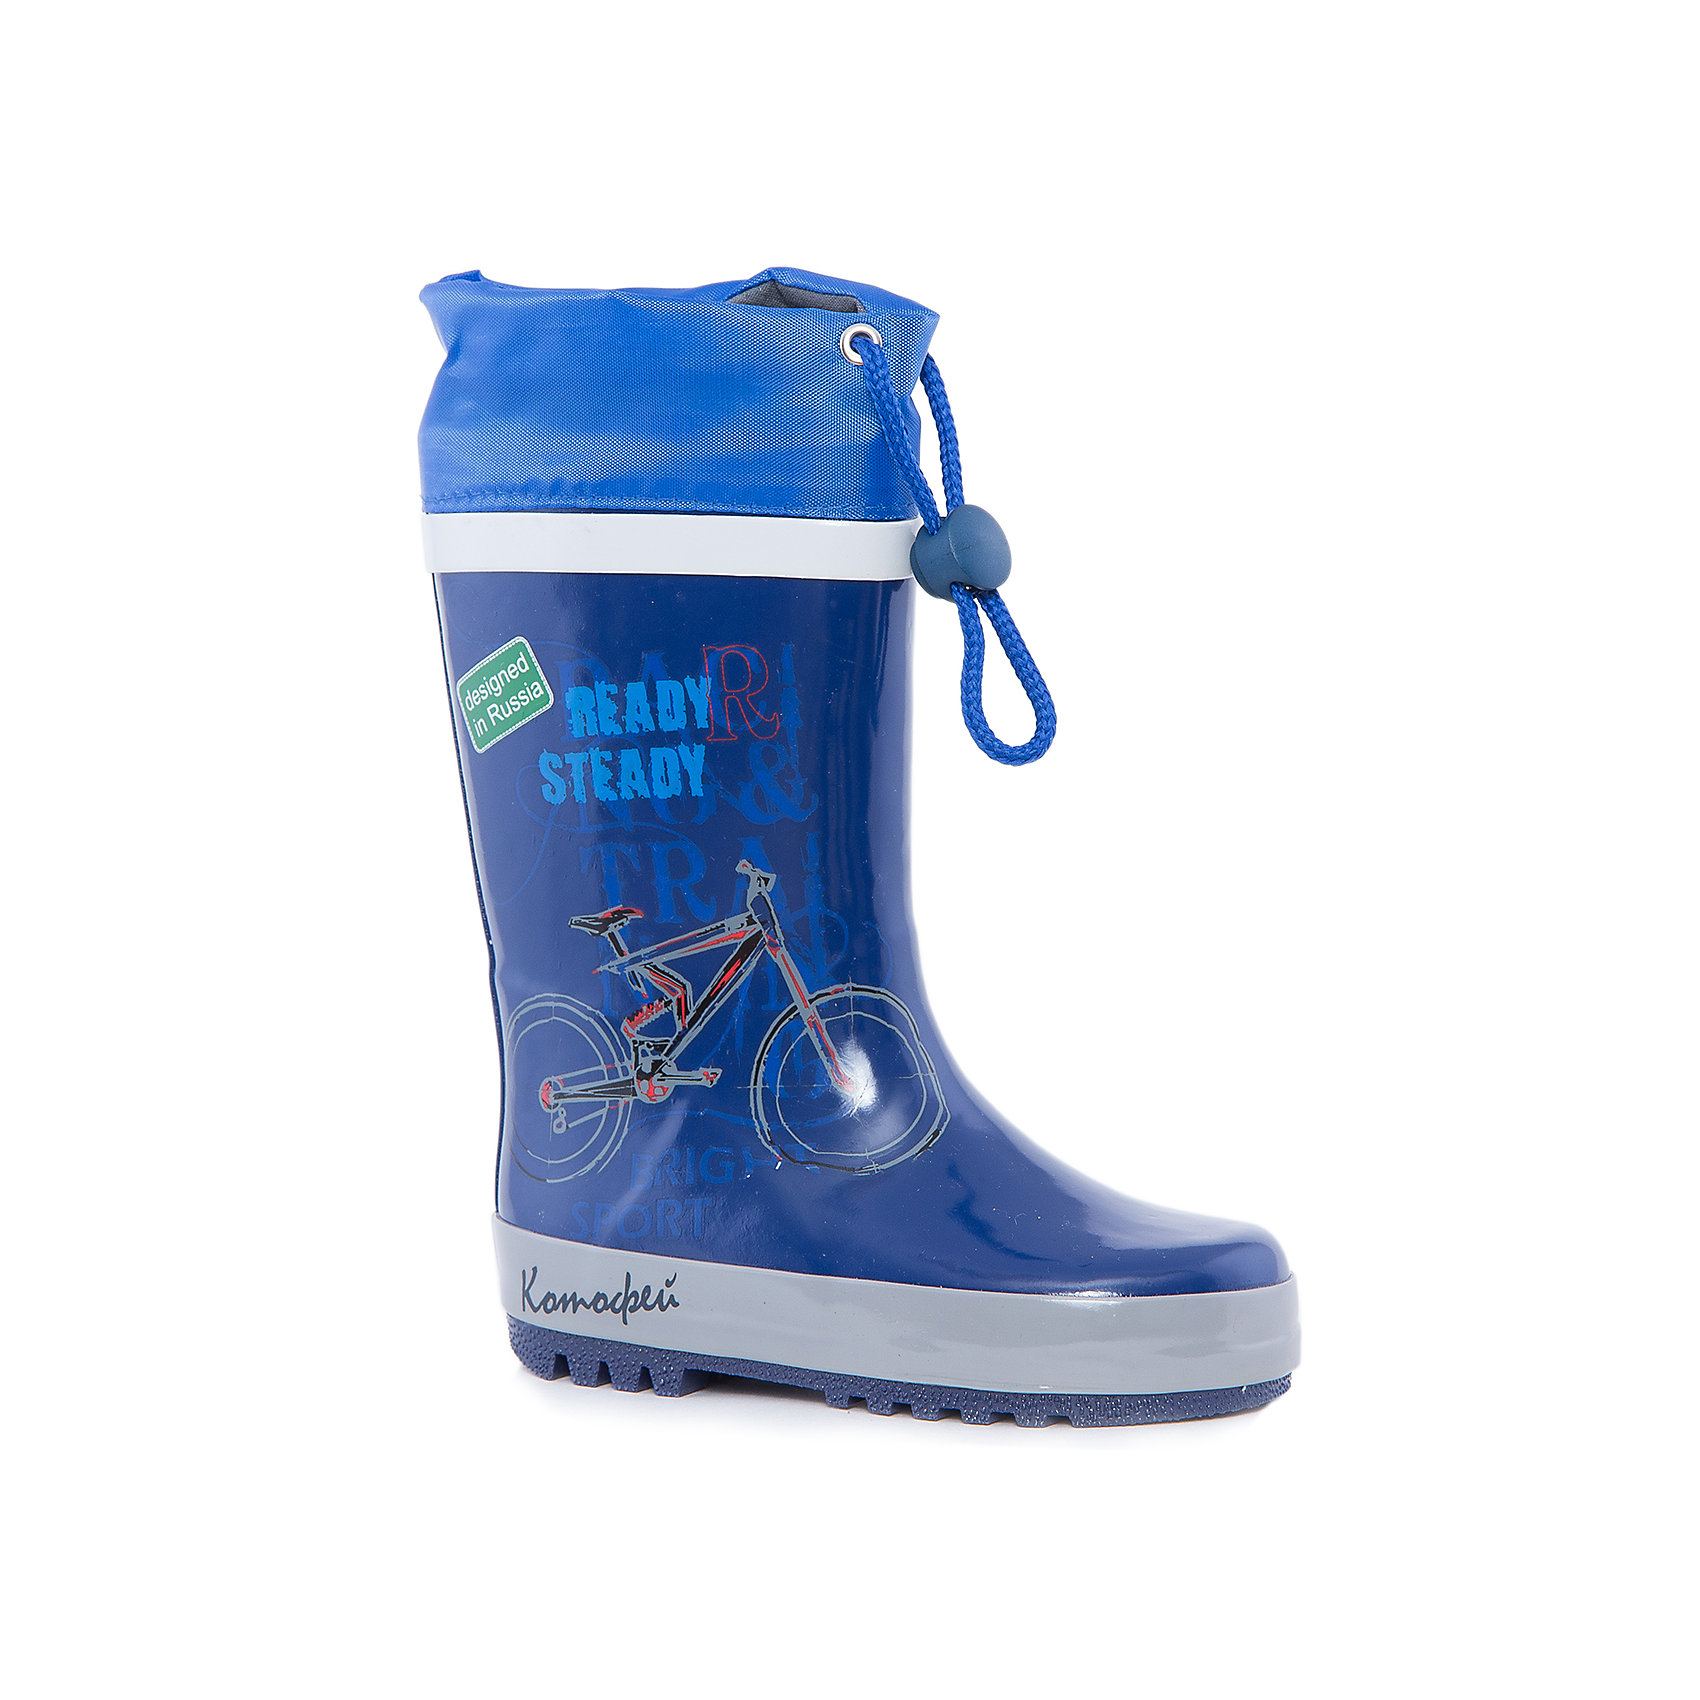 Резиновые сапоги  для мальчика КотофейРезиновые сапоги<br>Котофей – качественная и стильная детская обувь по доступным ценам. С каждым днем популярность бренда растет.  Резиновые сапожки – незаменимая вещь для осенней погоды. Теперь маленький непоседа может изучать лужи без риска промочить ножки и простудиться. Милый, современный дизайн оценят все юные модники. Яркие цвета сочетаются с любой одеждой, что позволяет создать множество стильных образов.<br><br>Дополнительная информация:<br><br>цвет: сине-серый;<br>вид крепления: литьевой;<br>застежка: шнур с фиксатором;<br>температурный режим: от 0° С до +15° С.<br><br>Состав:<br>материал верха – резина;<br>материал подклада - текстиль;<br>подошва - плотная резина.<br><br>Малодетские резиновые сапоги для мальчика дошкольного возраста от фирмы  Котофей можно приобрести в нашем магазине.<br><br>Ширина мм: 257<br>Глубина мм: 180<br>Высота мм: 130<br>Вес г: 420<br>Цвет: серый/синий<br>Возраст от месяцев: 24<br>Возраст до месяцев: 24<br>Пол: Мужской<br>Возраст: Детский<br>Размер: 25,28,29,24,26,27<br>SKU: 4982050